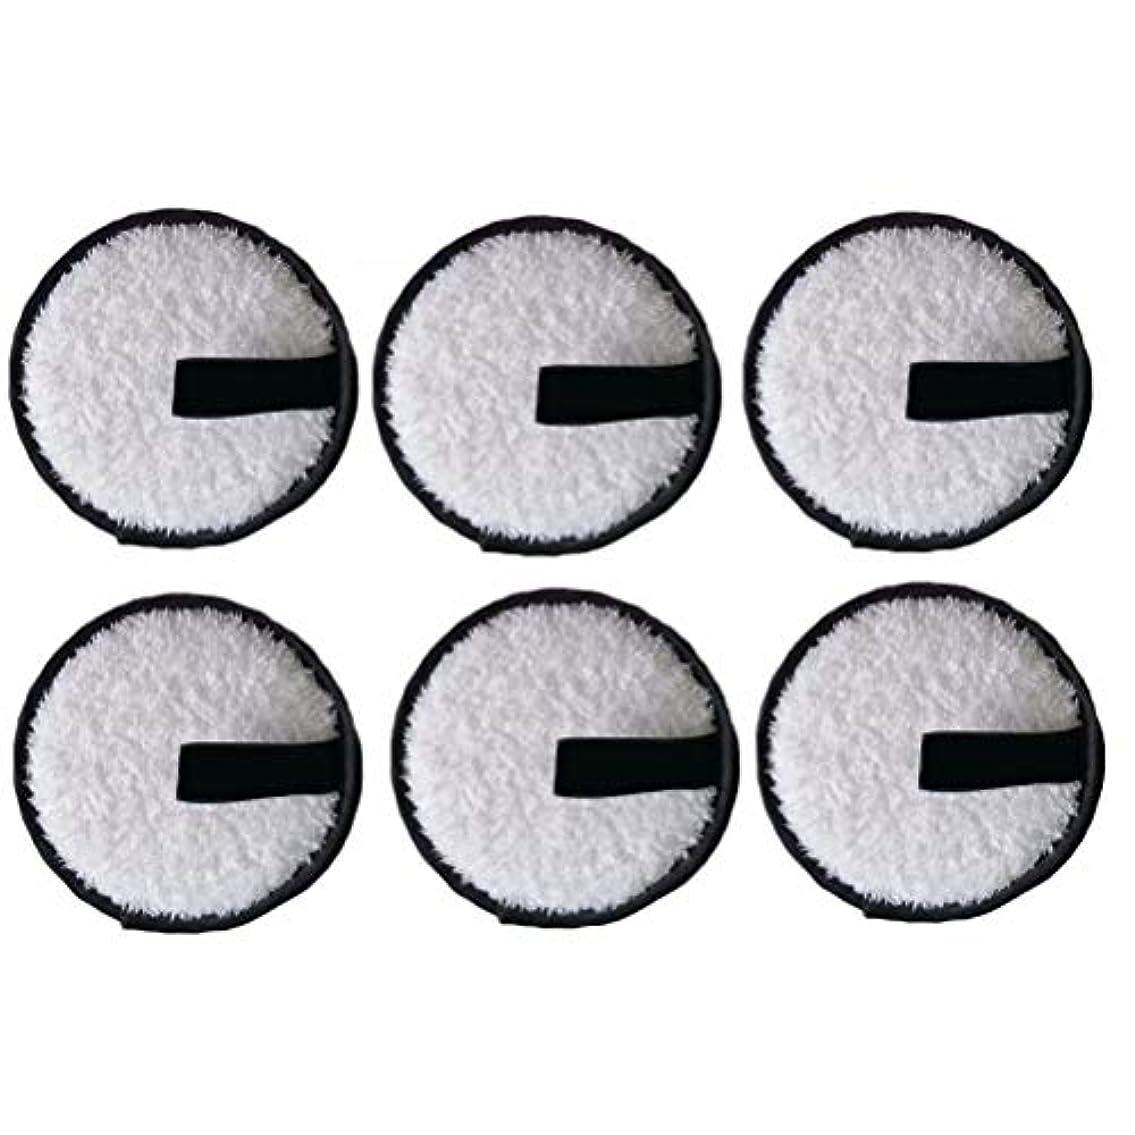 失敗優先で出来ているLURROSE 6本洗顔パウダーパフ洗顔パウダーパフファッションメイク落とし圧縮パッド(黒)